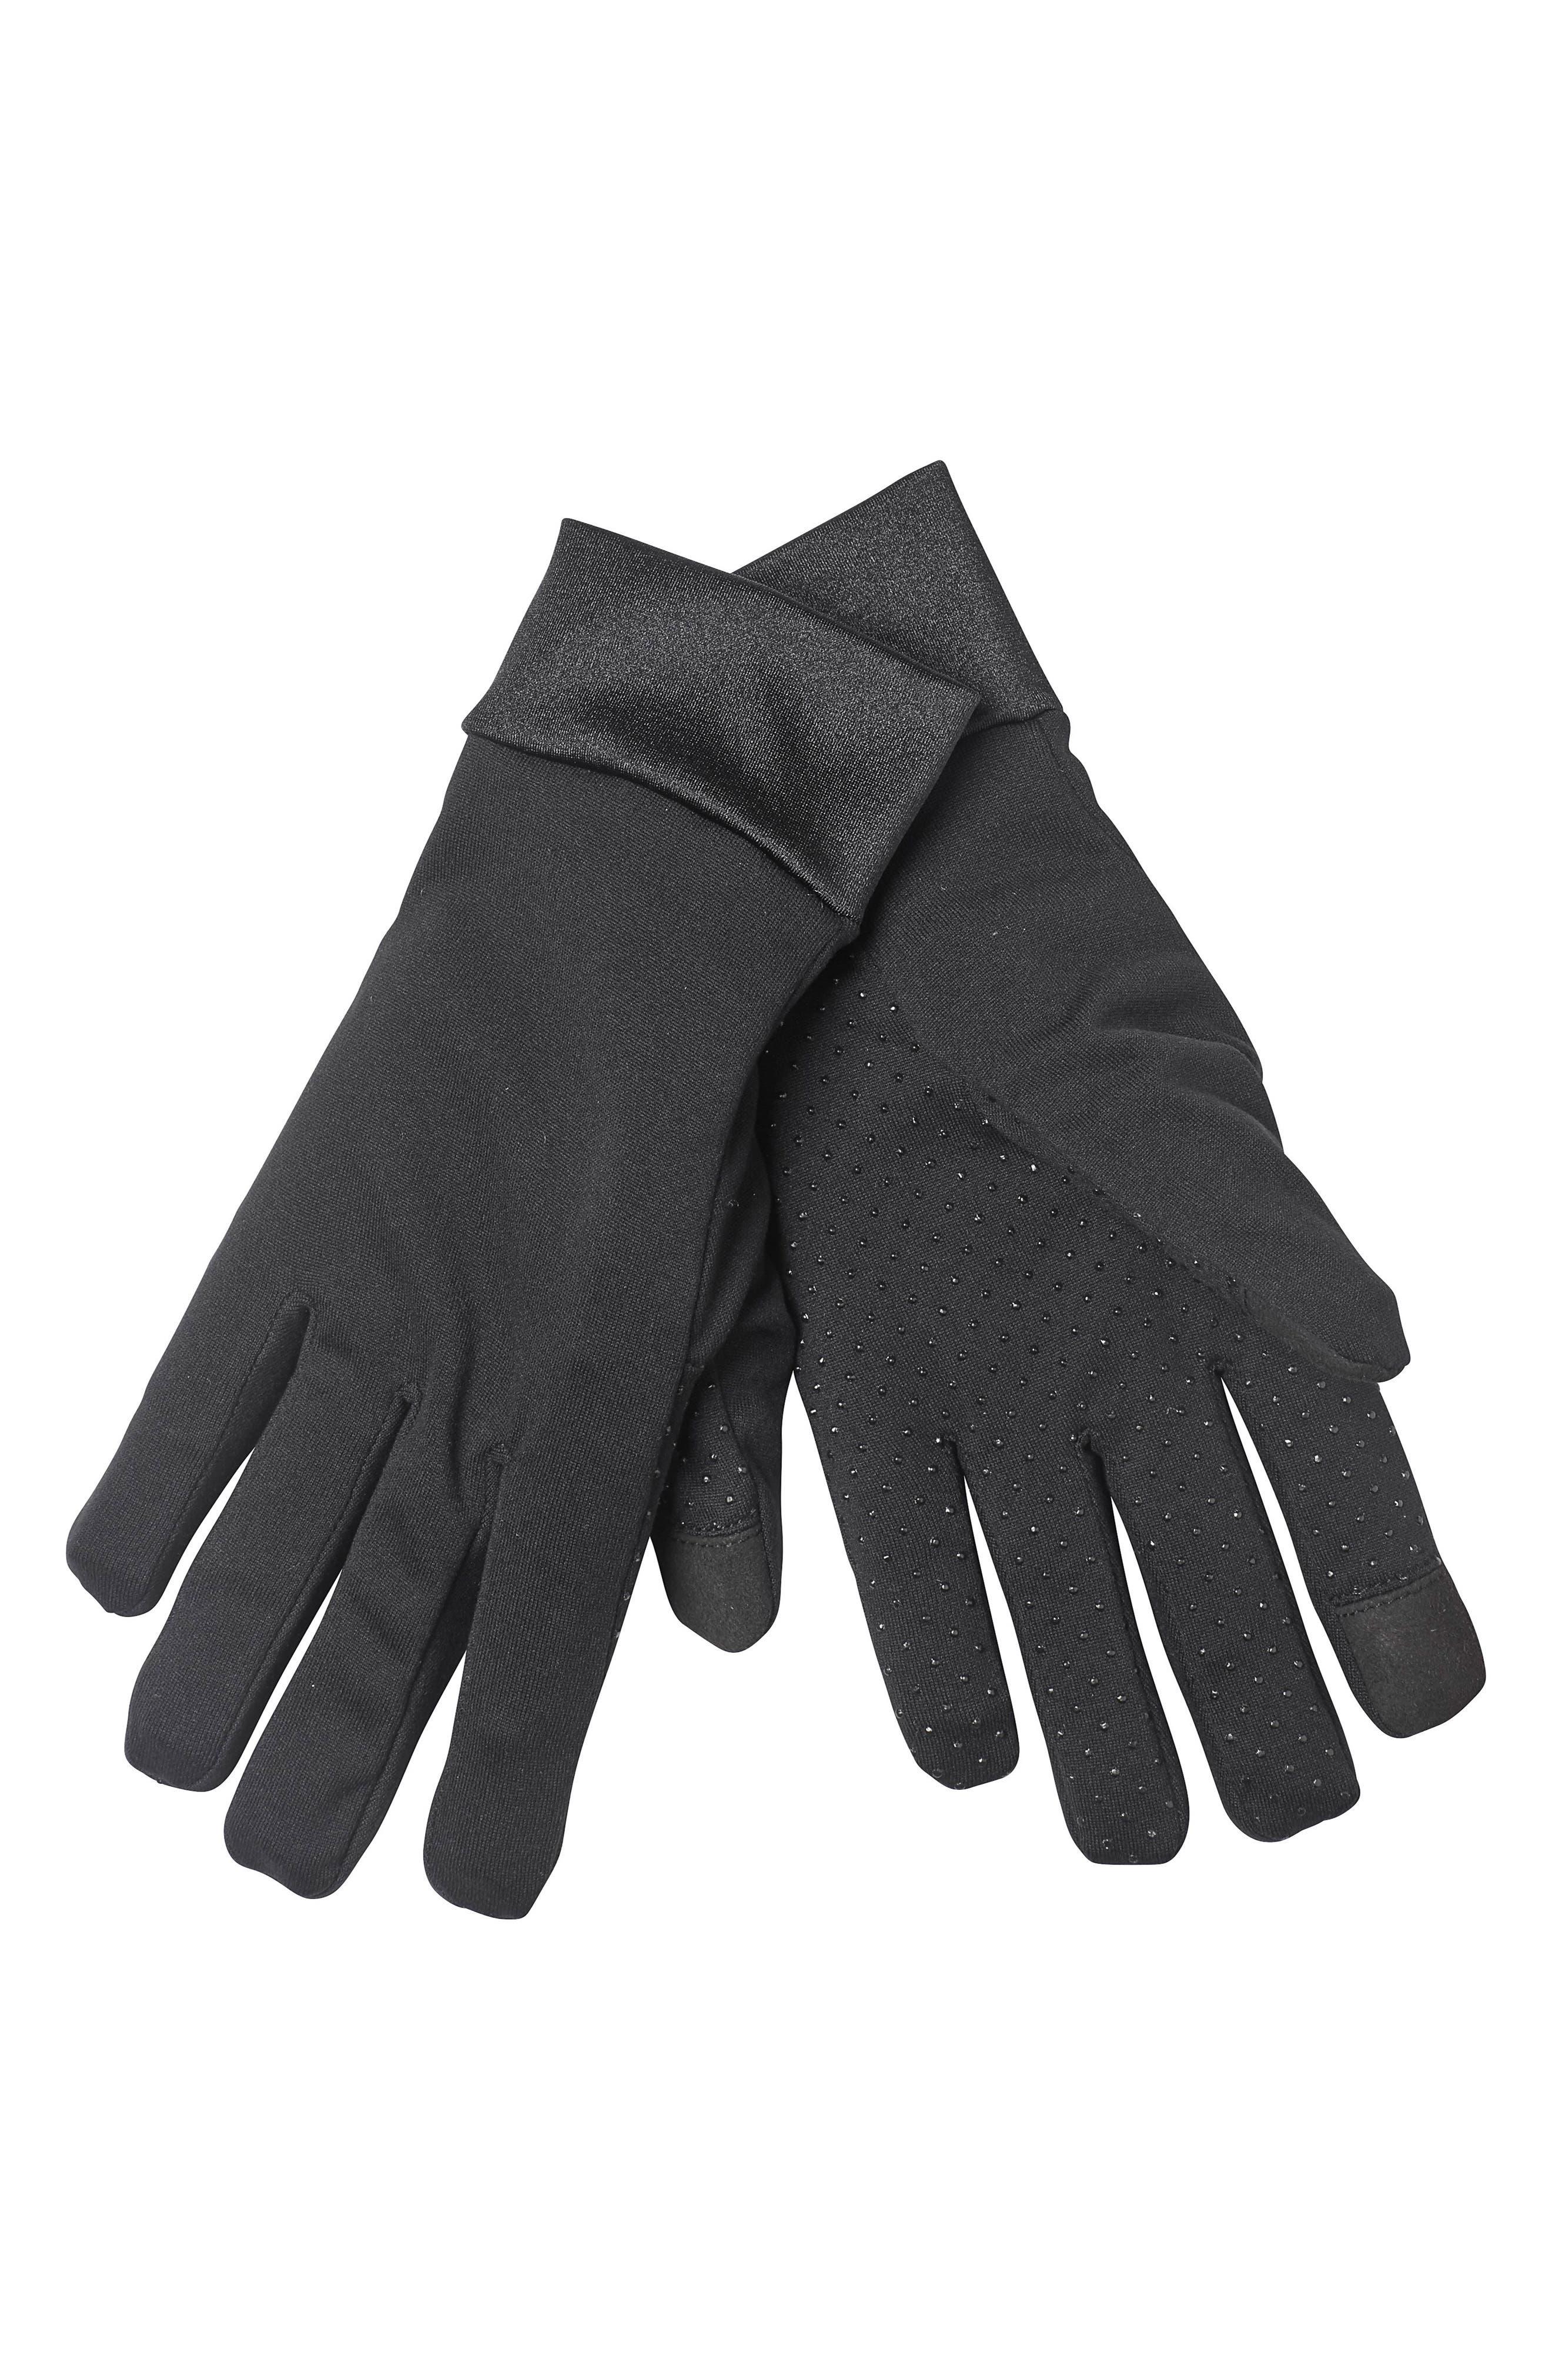 Helly Hansen Touch Liner Gloves